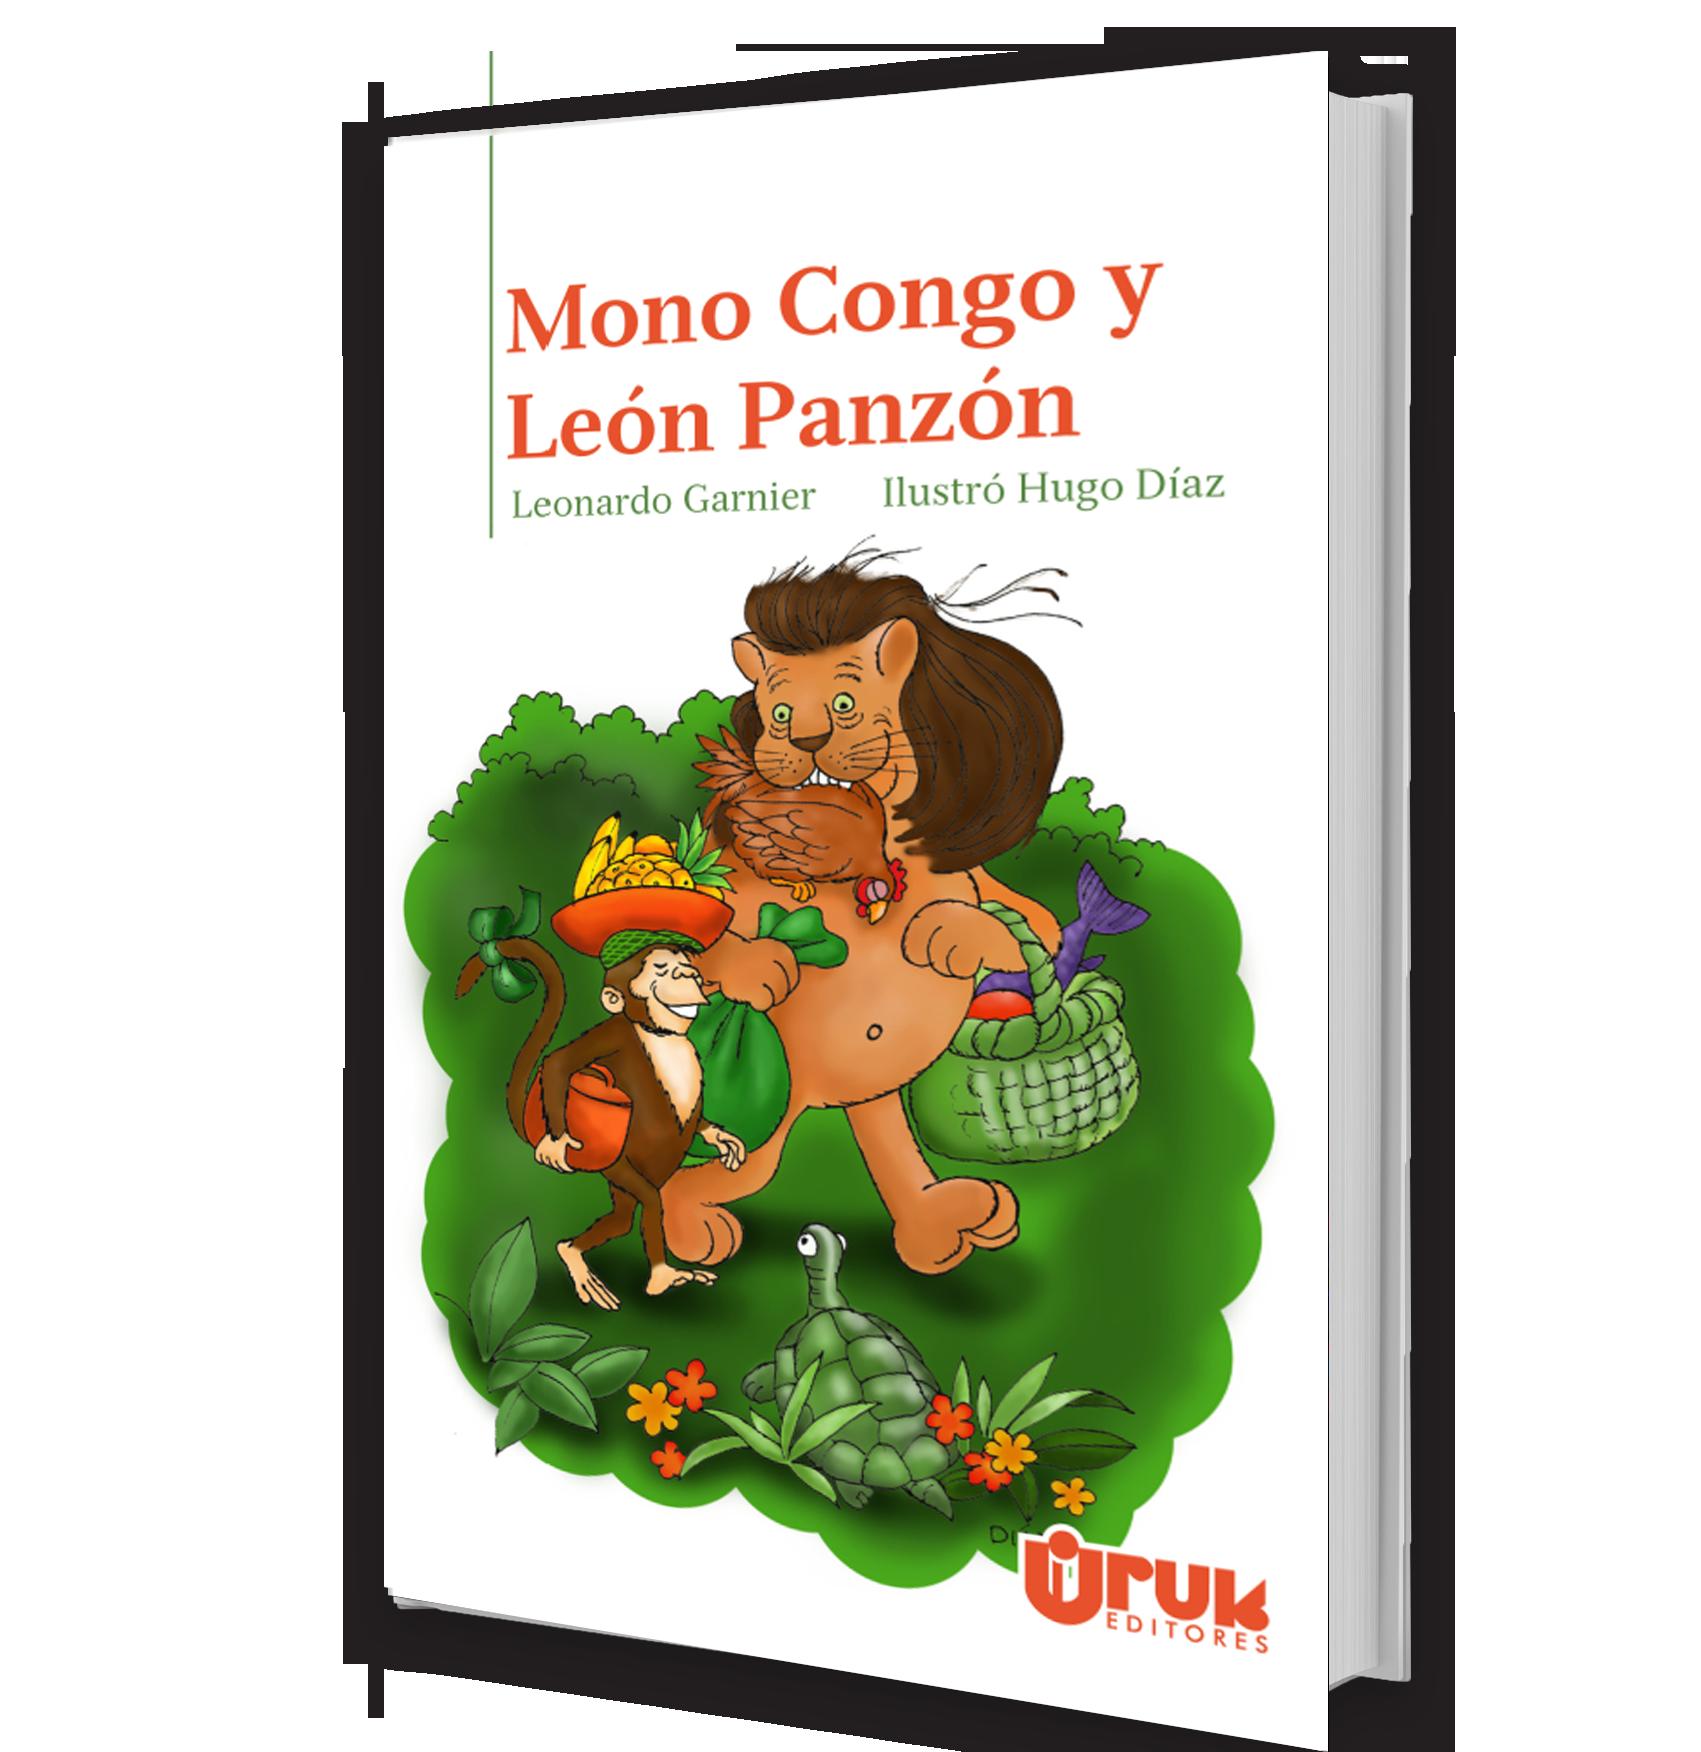 Mono Congo y el León Panzón